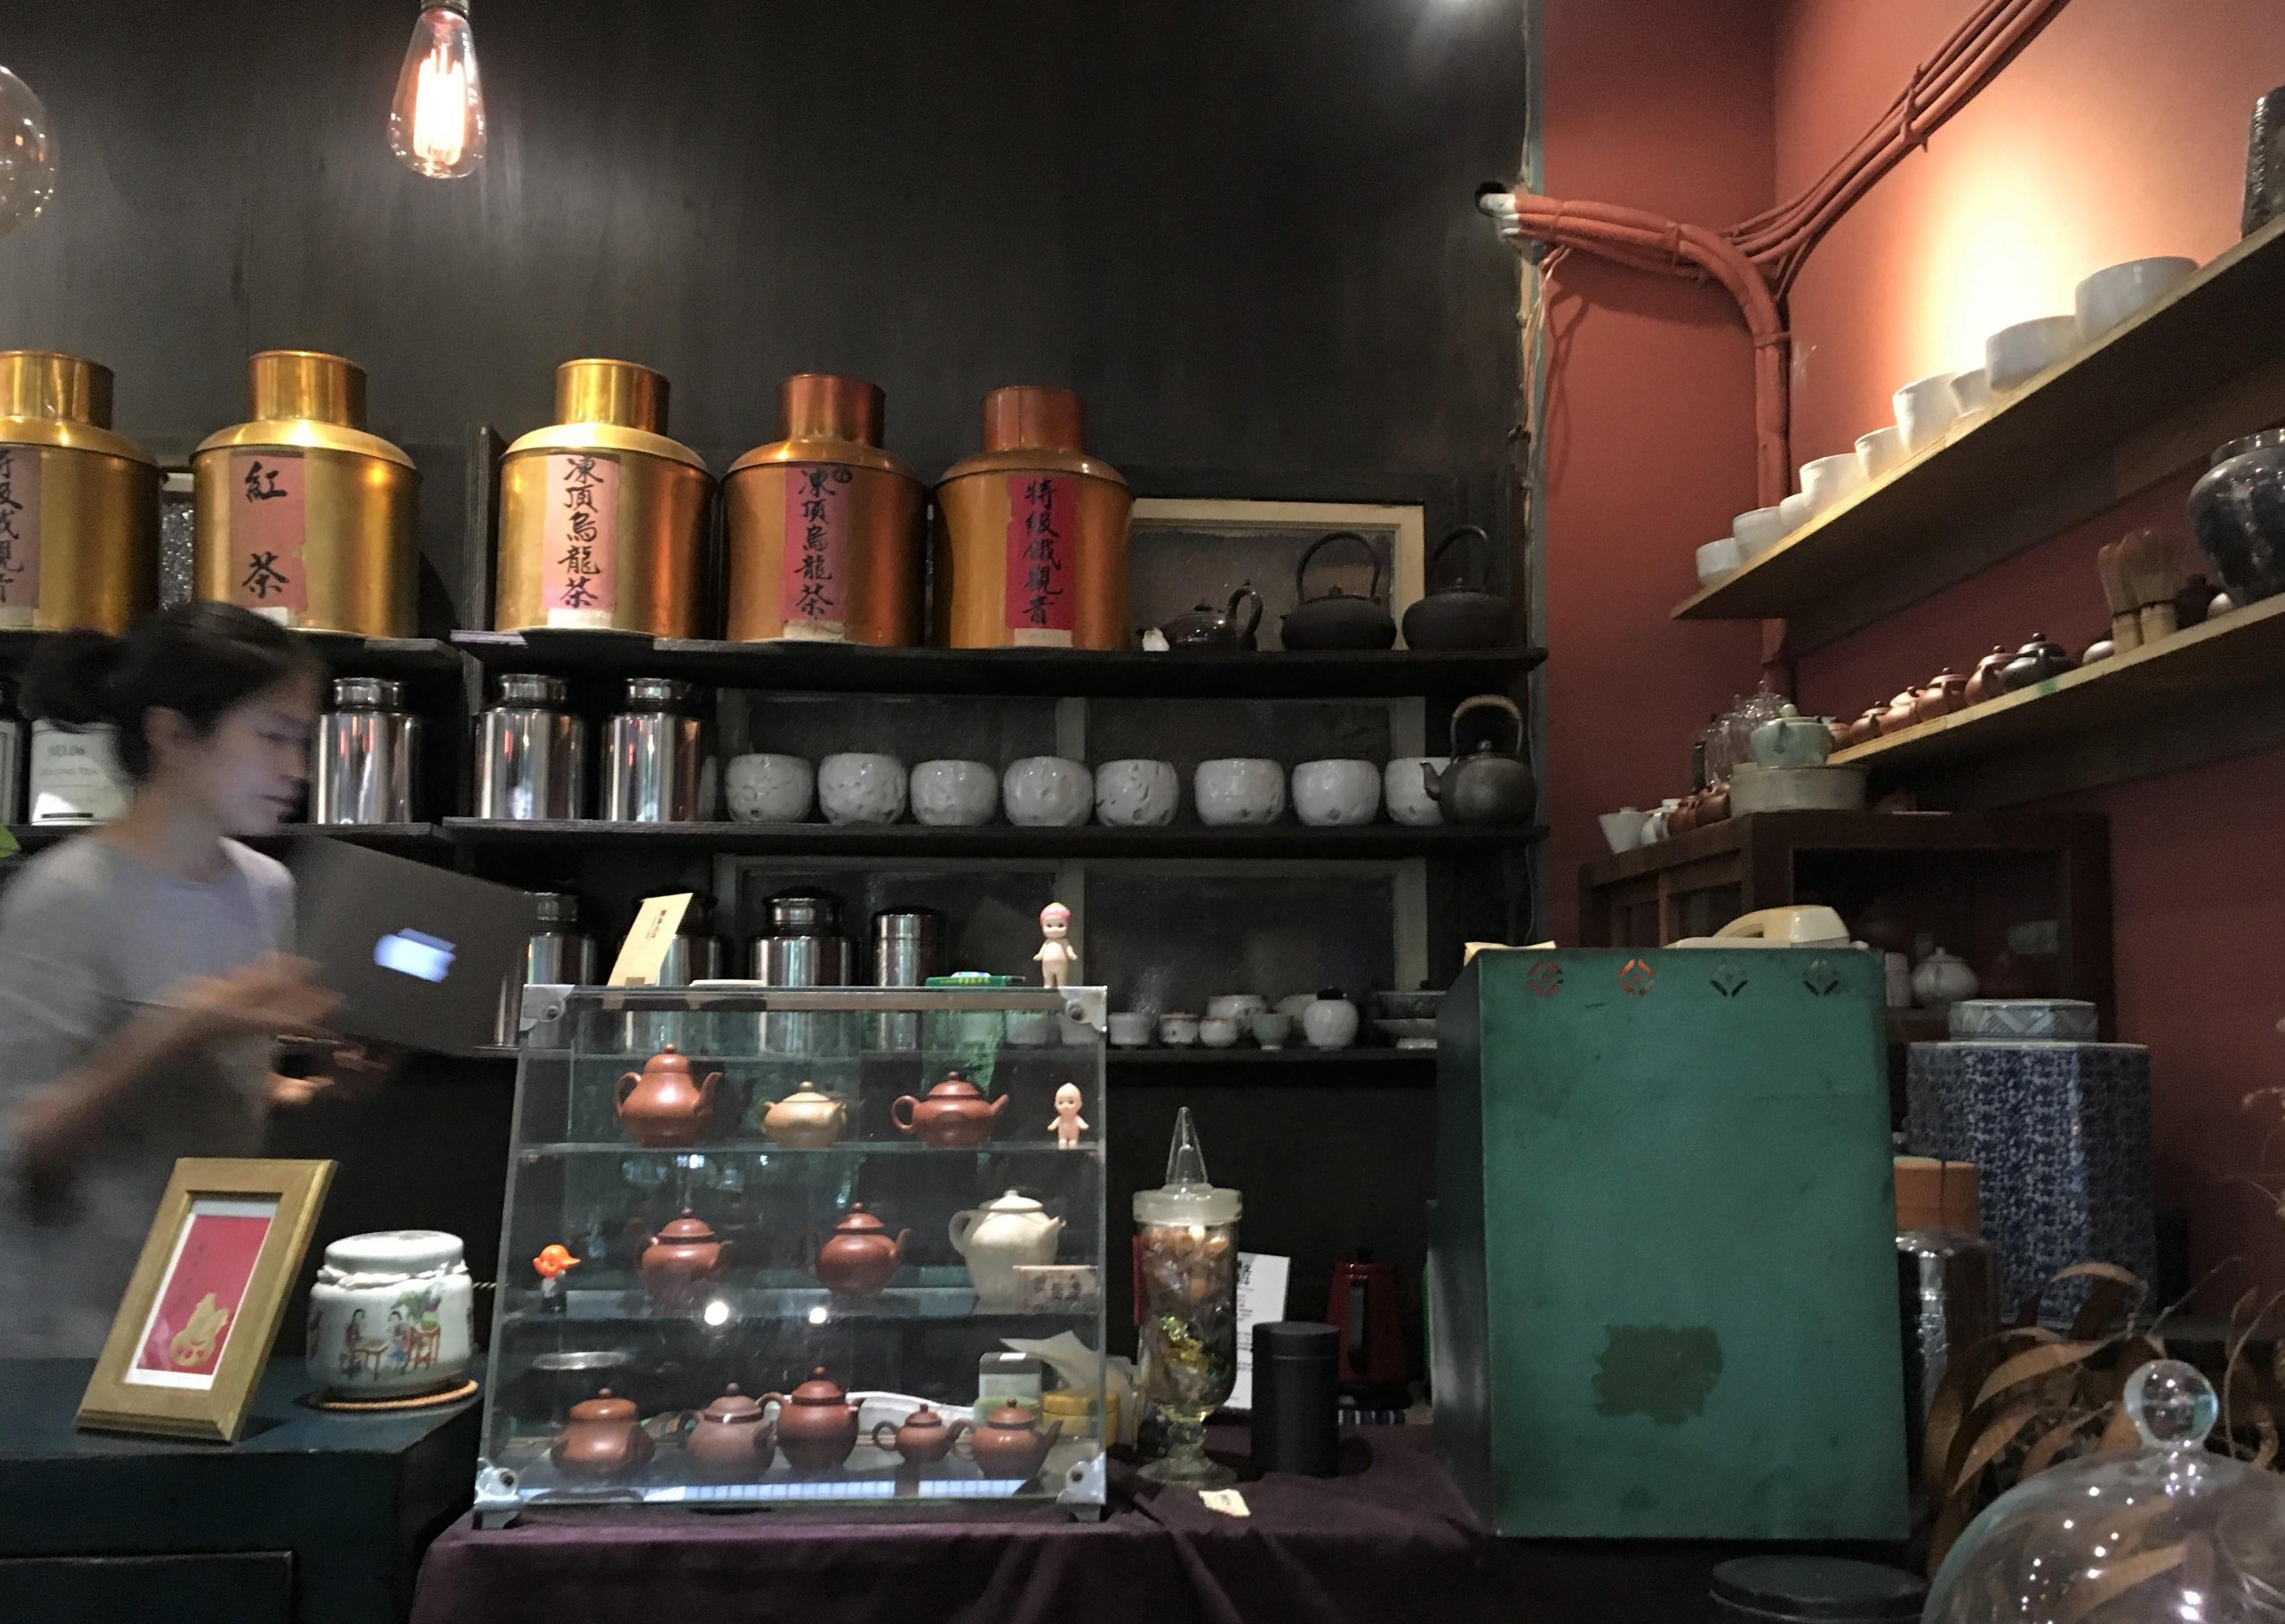 TeaVoyages_Taipei_Letterpress_TeaHouse_Teas